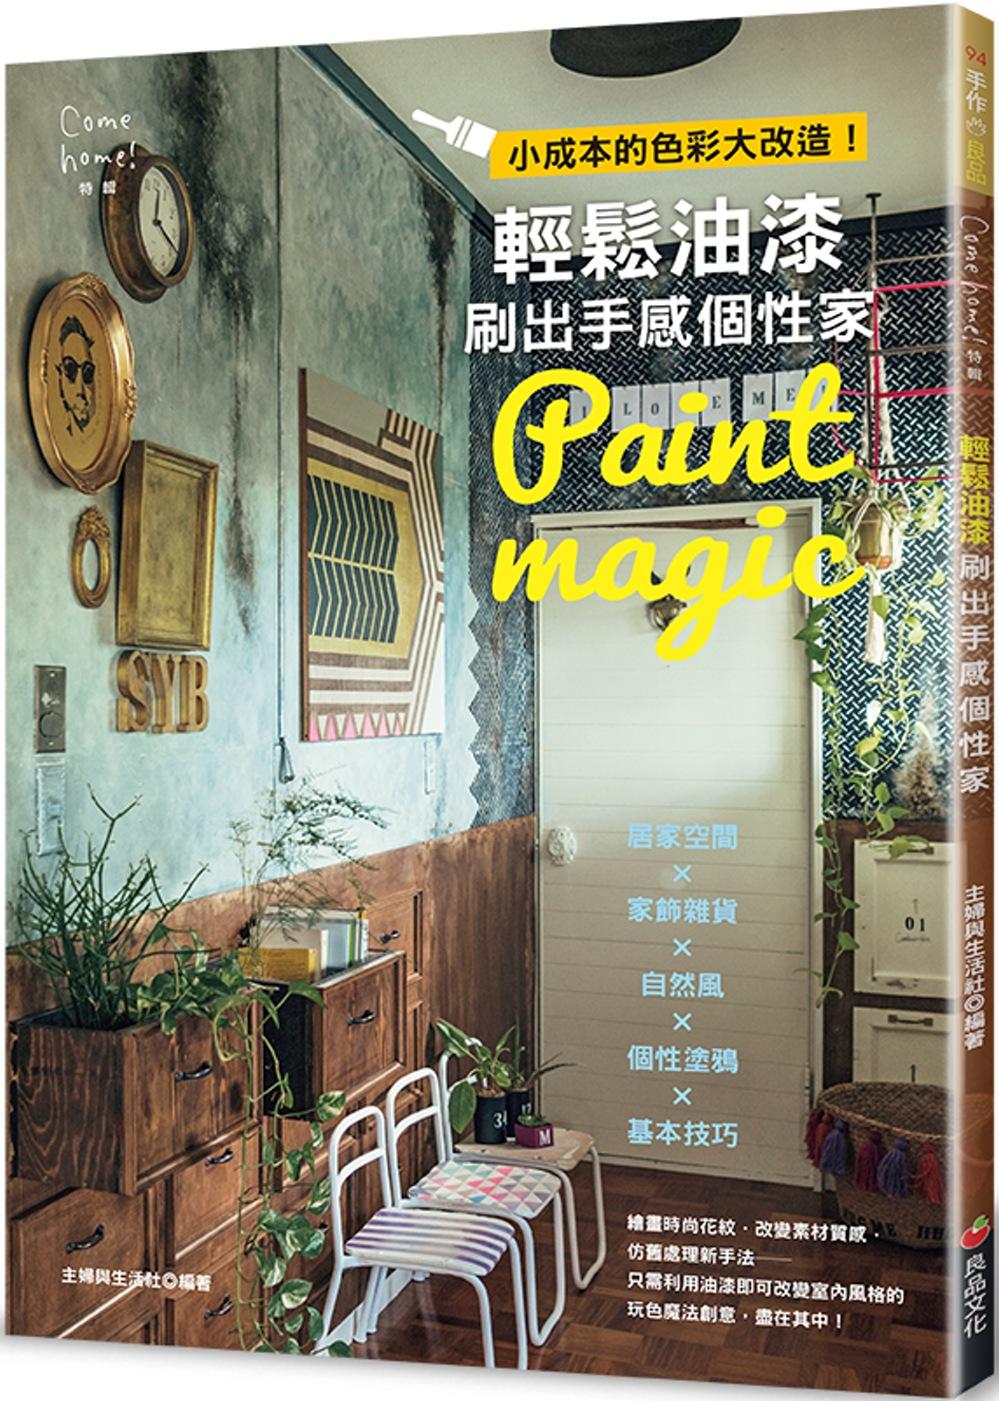 輕鬆油漆刷出手感個性家:小成本的色彩大改造!居家空間×家飾雜貨×自然風×個性塗鴉×基本技巧